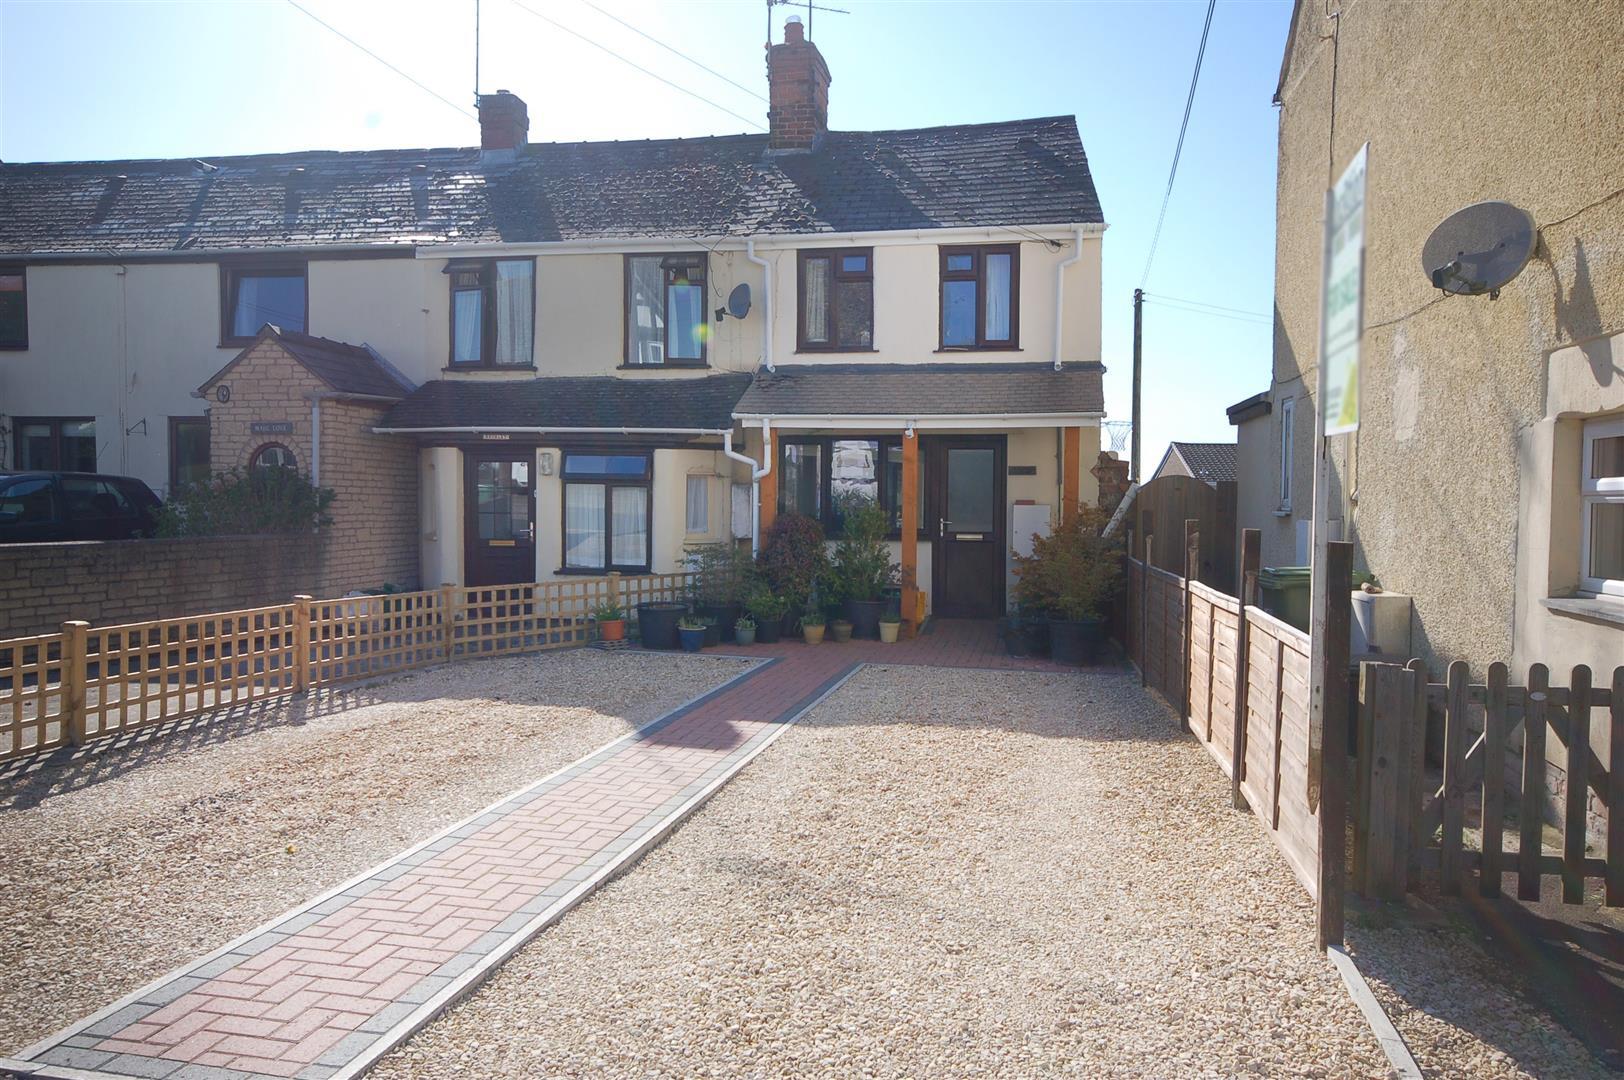 3 bedroom  cottage end-terraced for sale